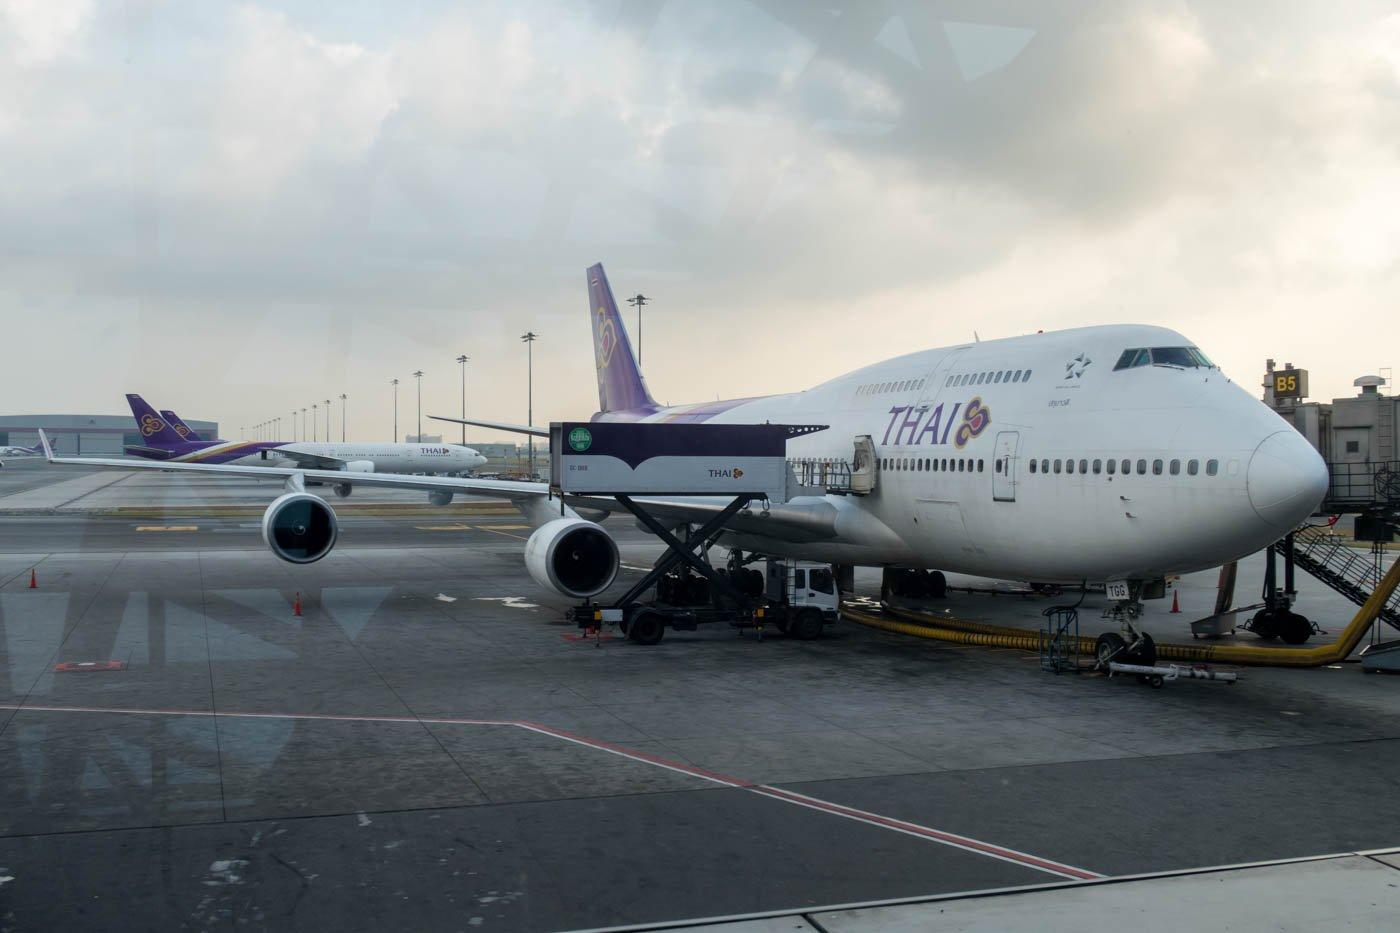 Thai Airways 747-400